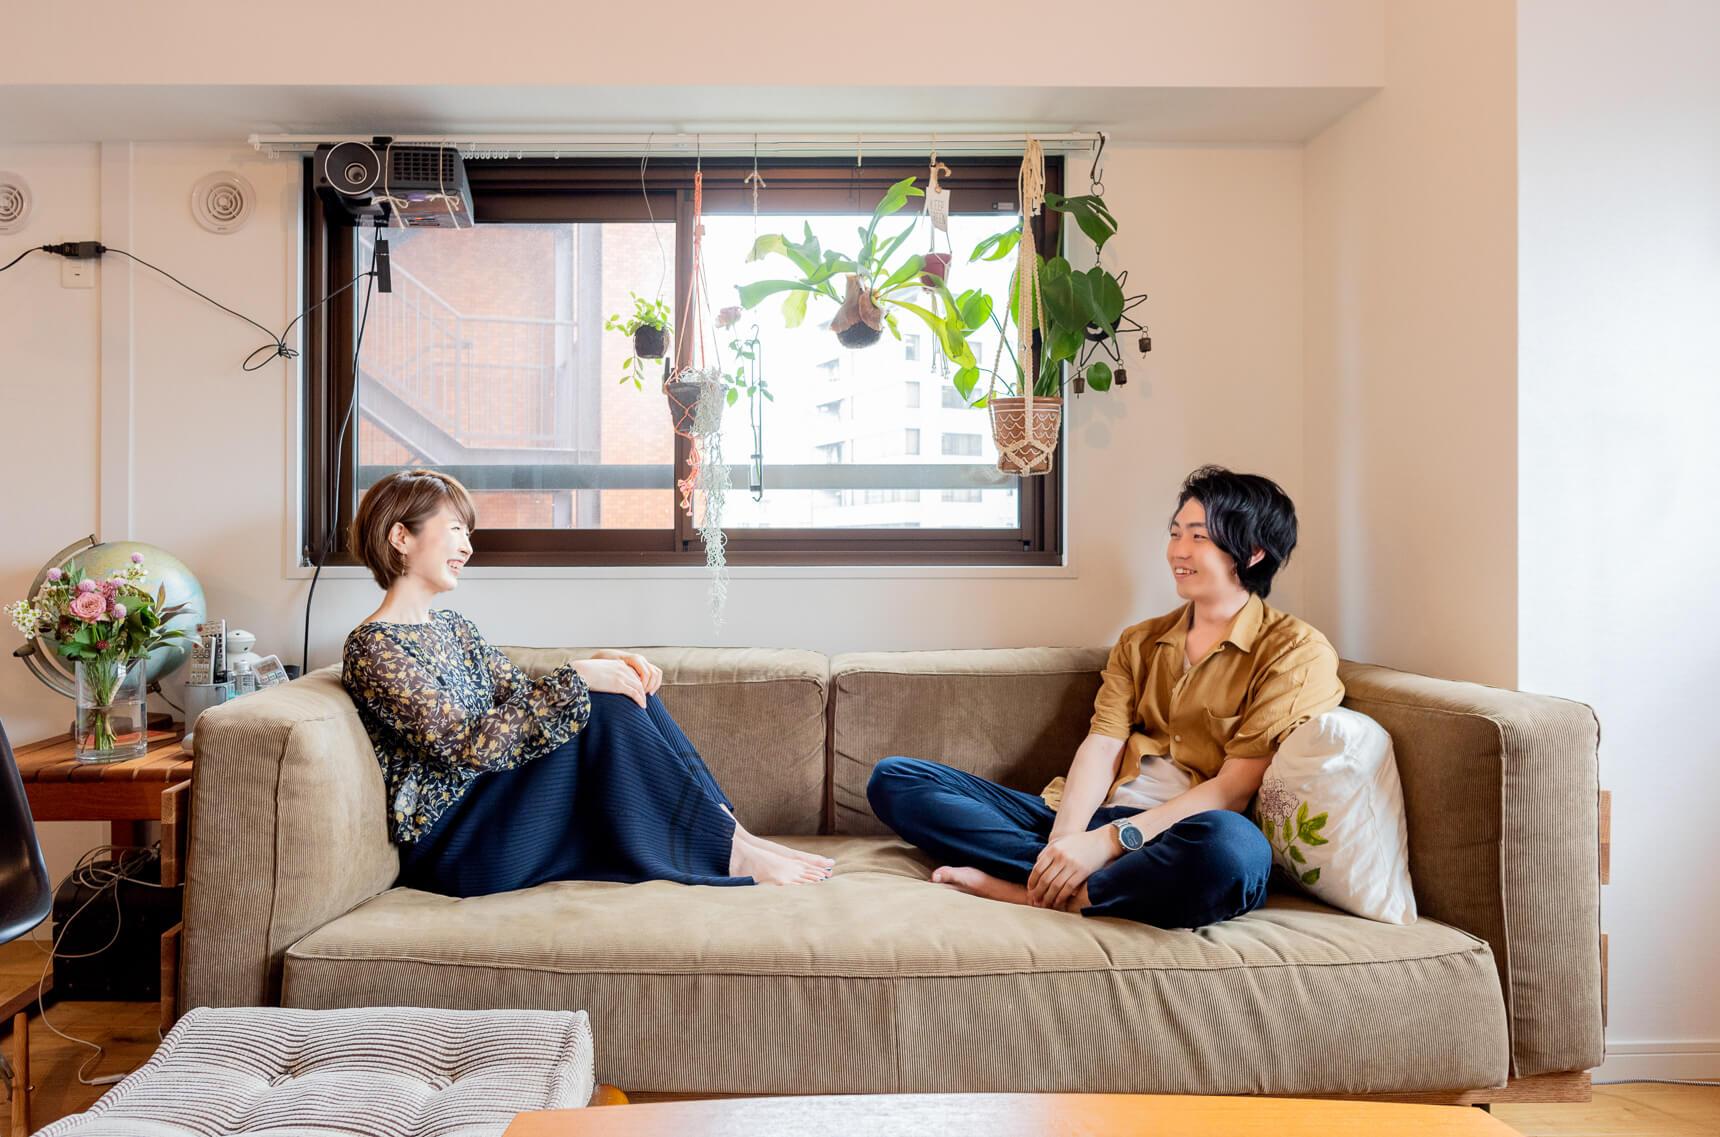 大きなソファは momo natural で購入。幅と奥行きがしっかりあって、二人で座っていても程よい距離感。